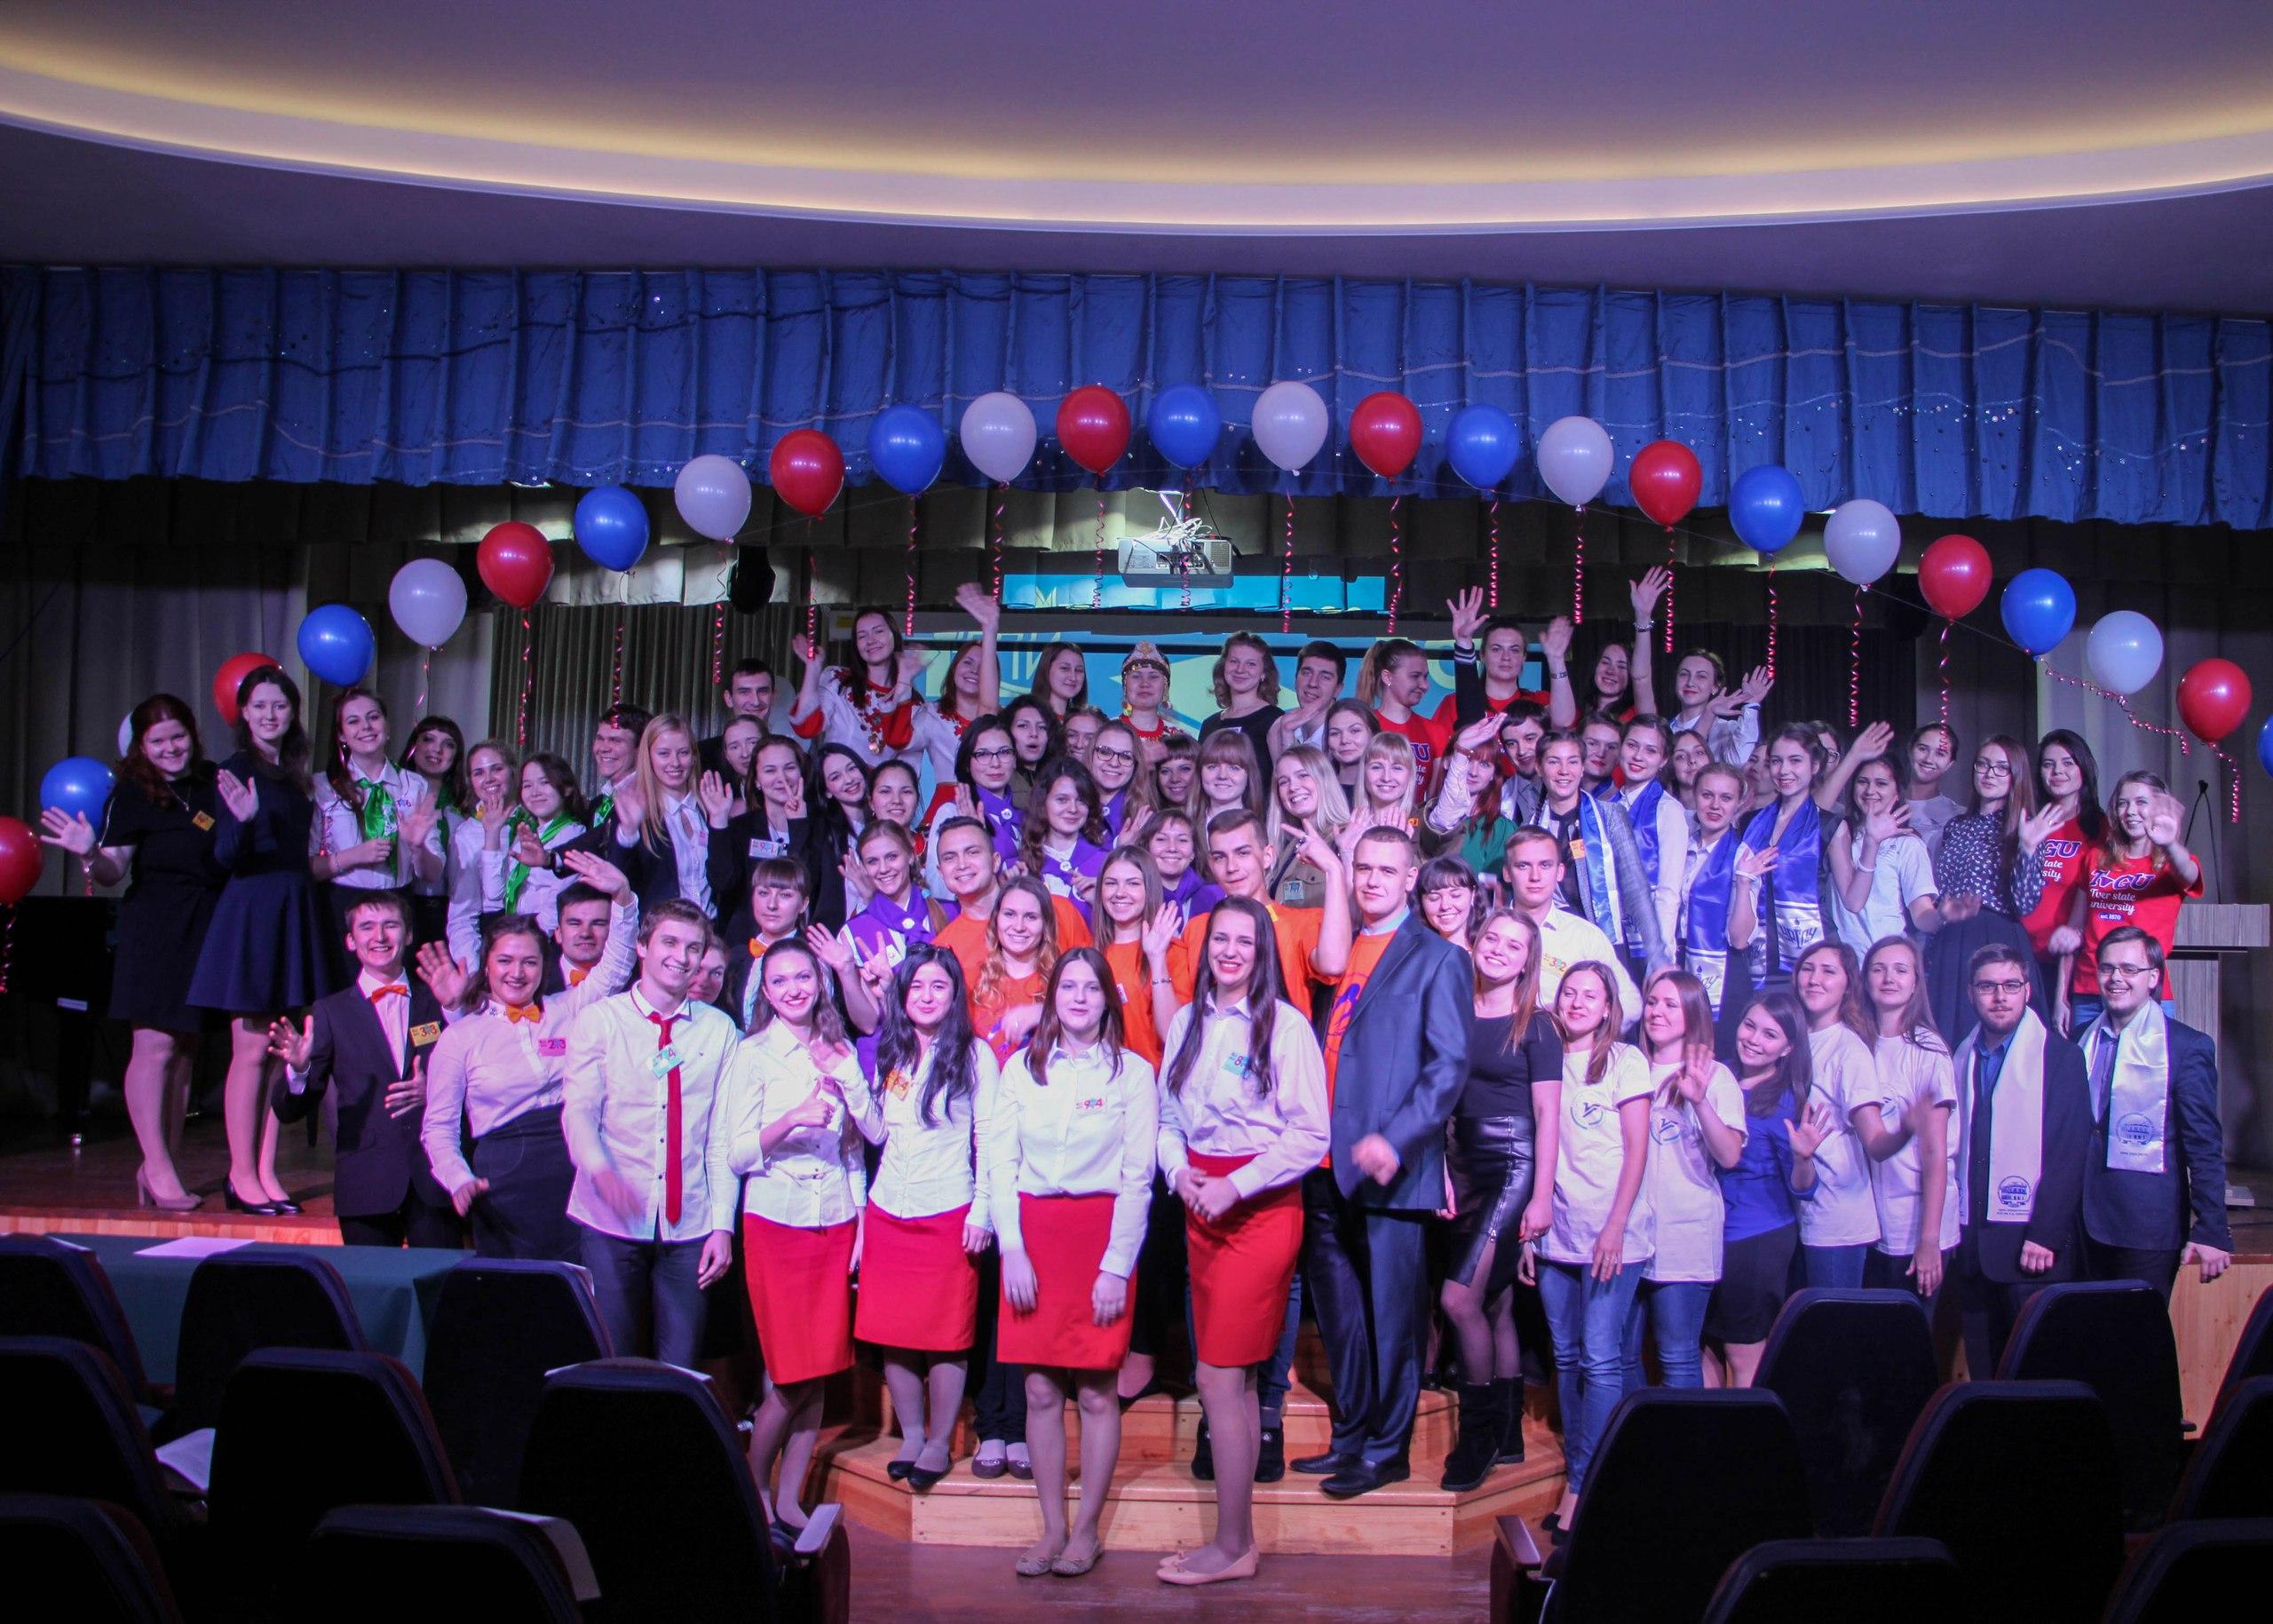 Команда Мининского университета приняла участие во Всероссийской олимпиаде студентов по педагогике